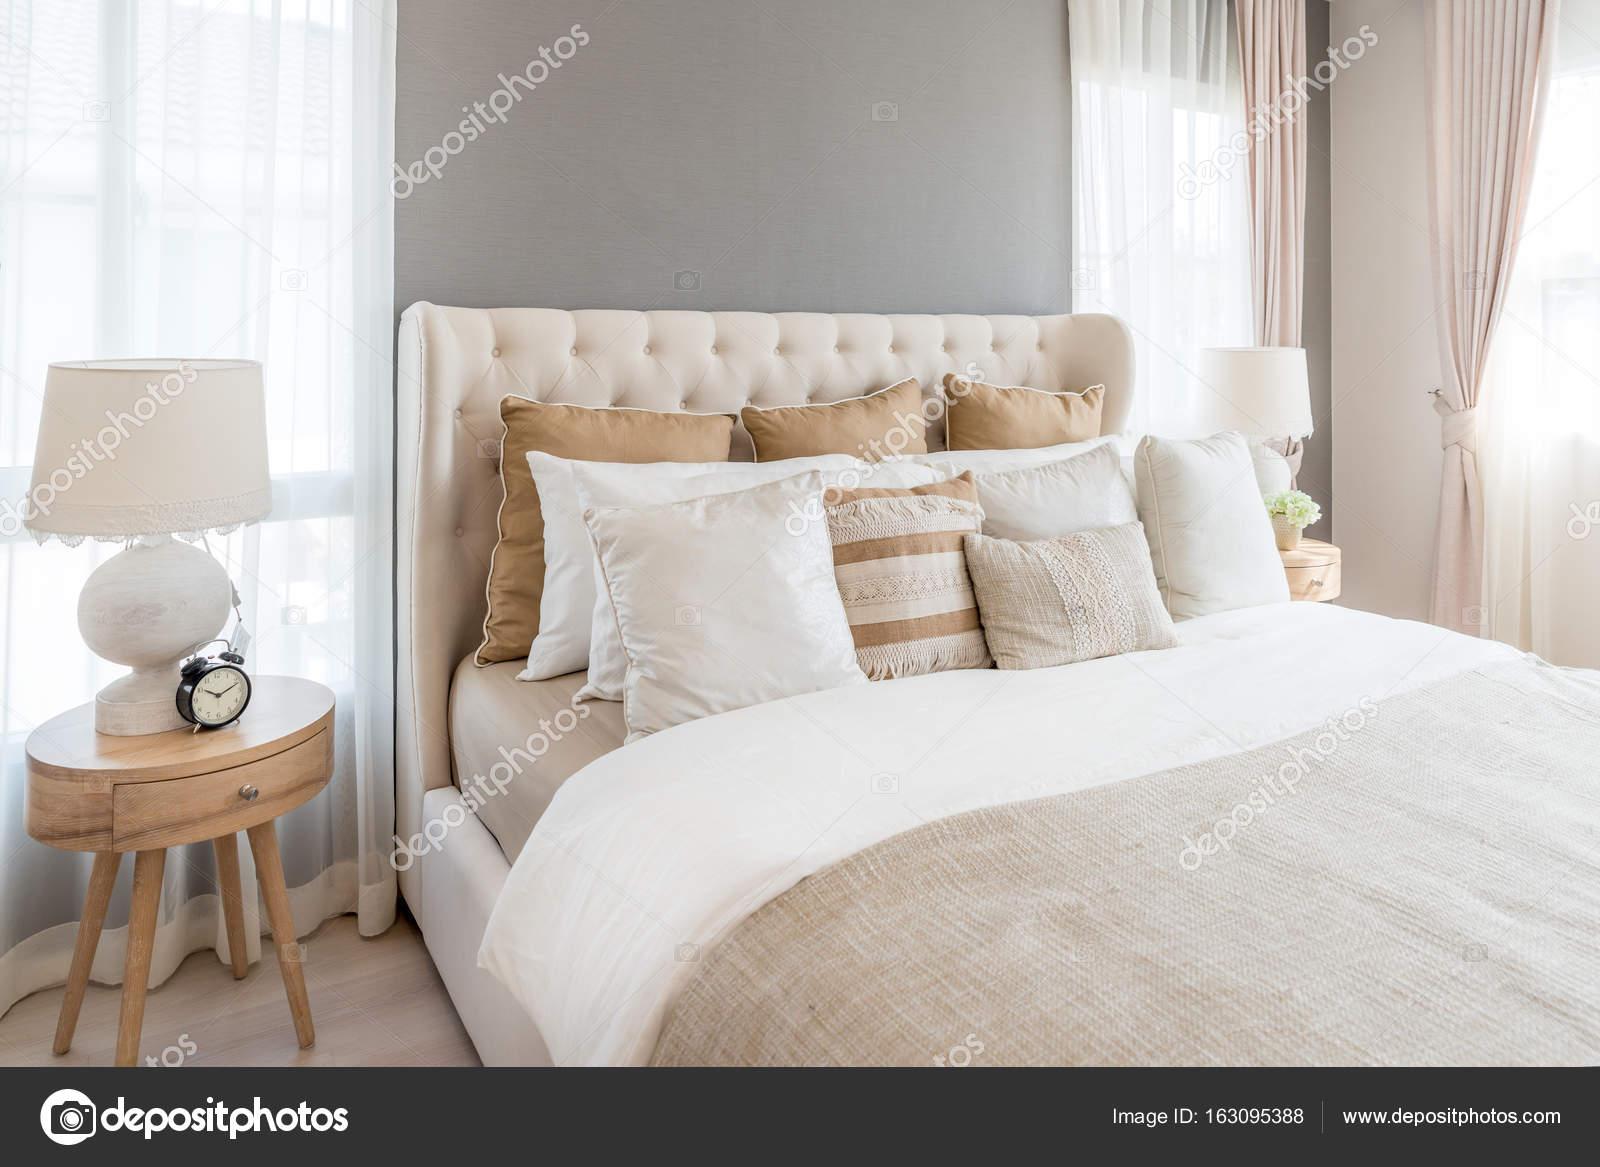 Kleuren Voor Slaapkamer : Slaapkamer in zachte lichte kleuren grote comfortabel